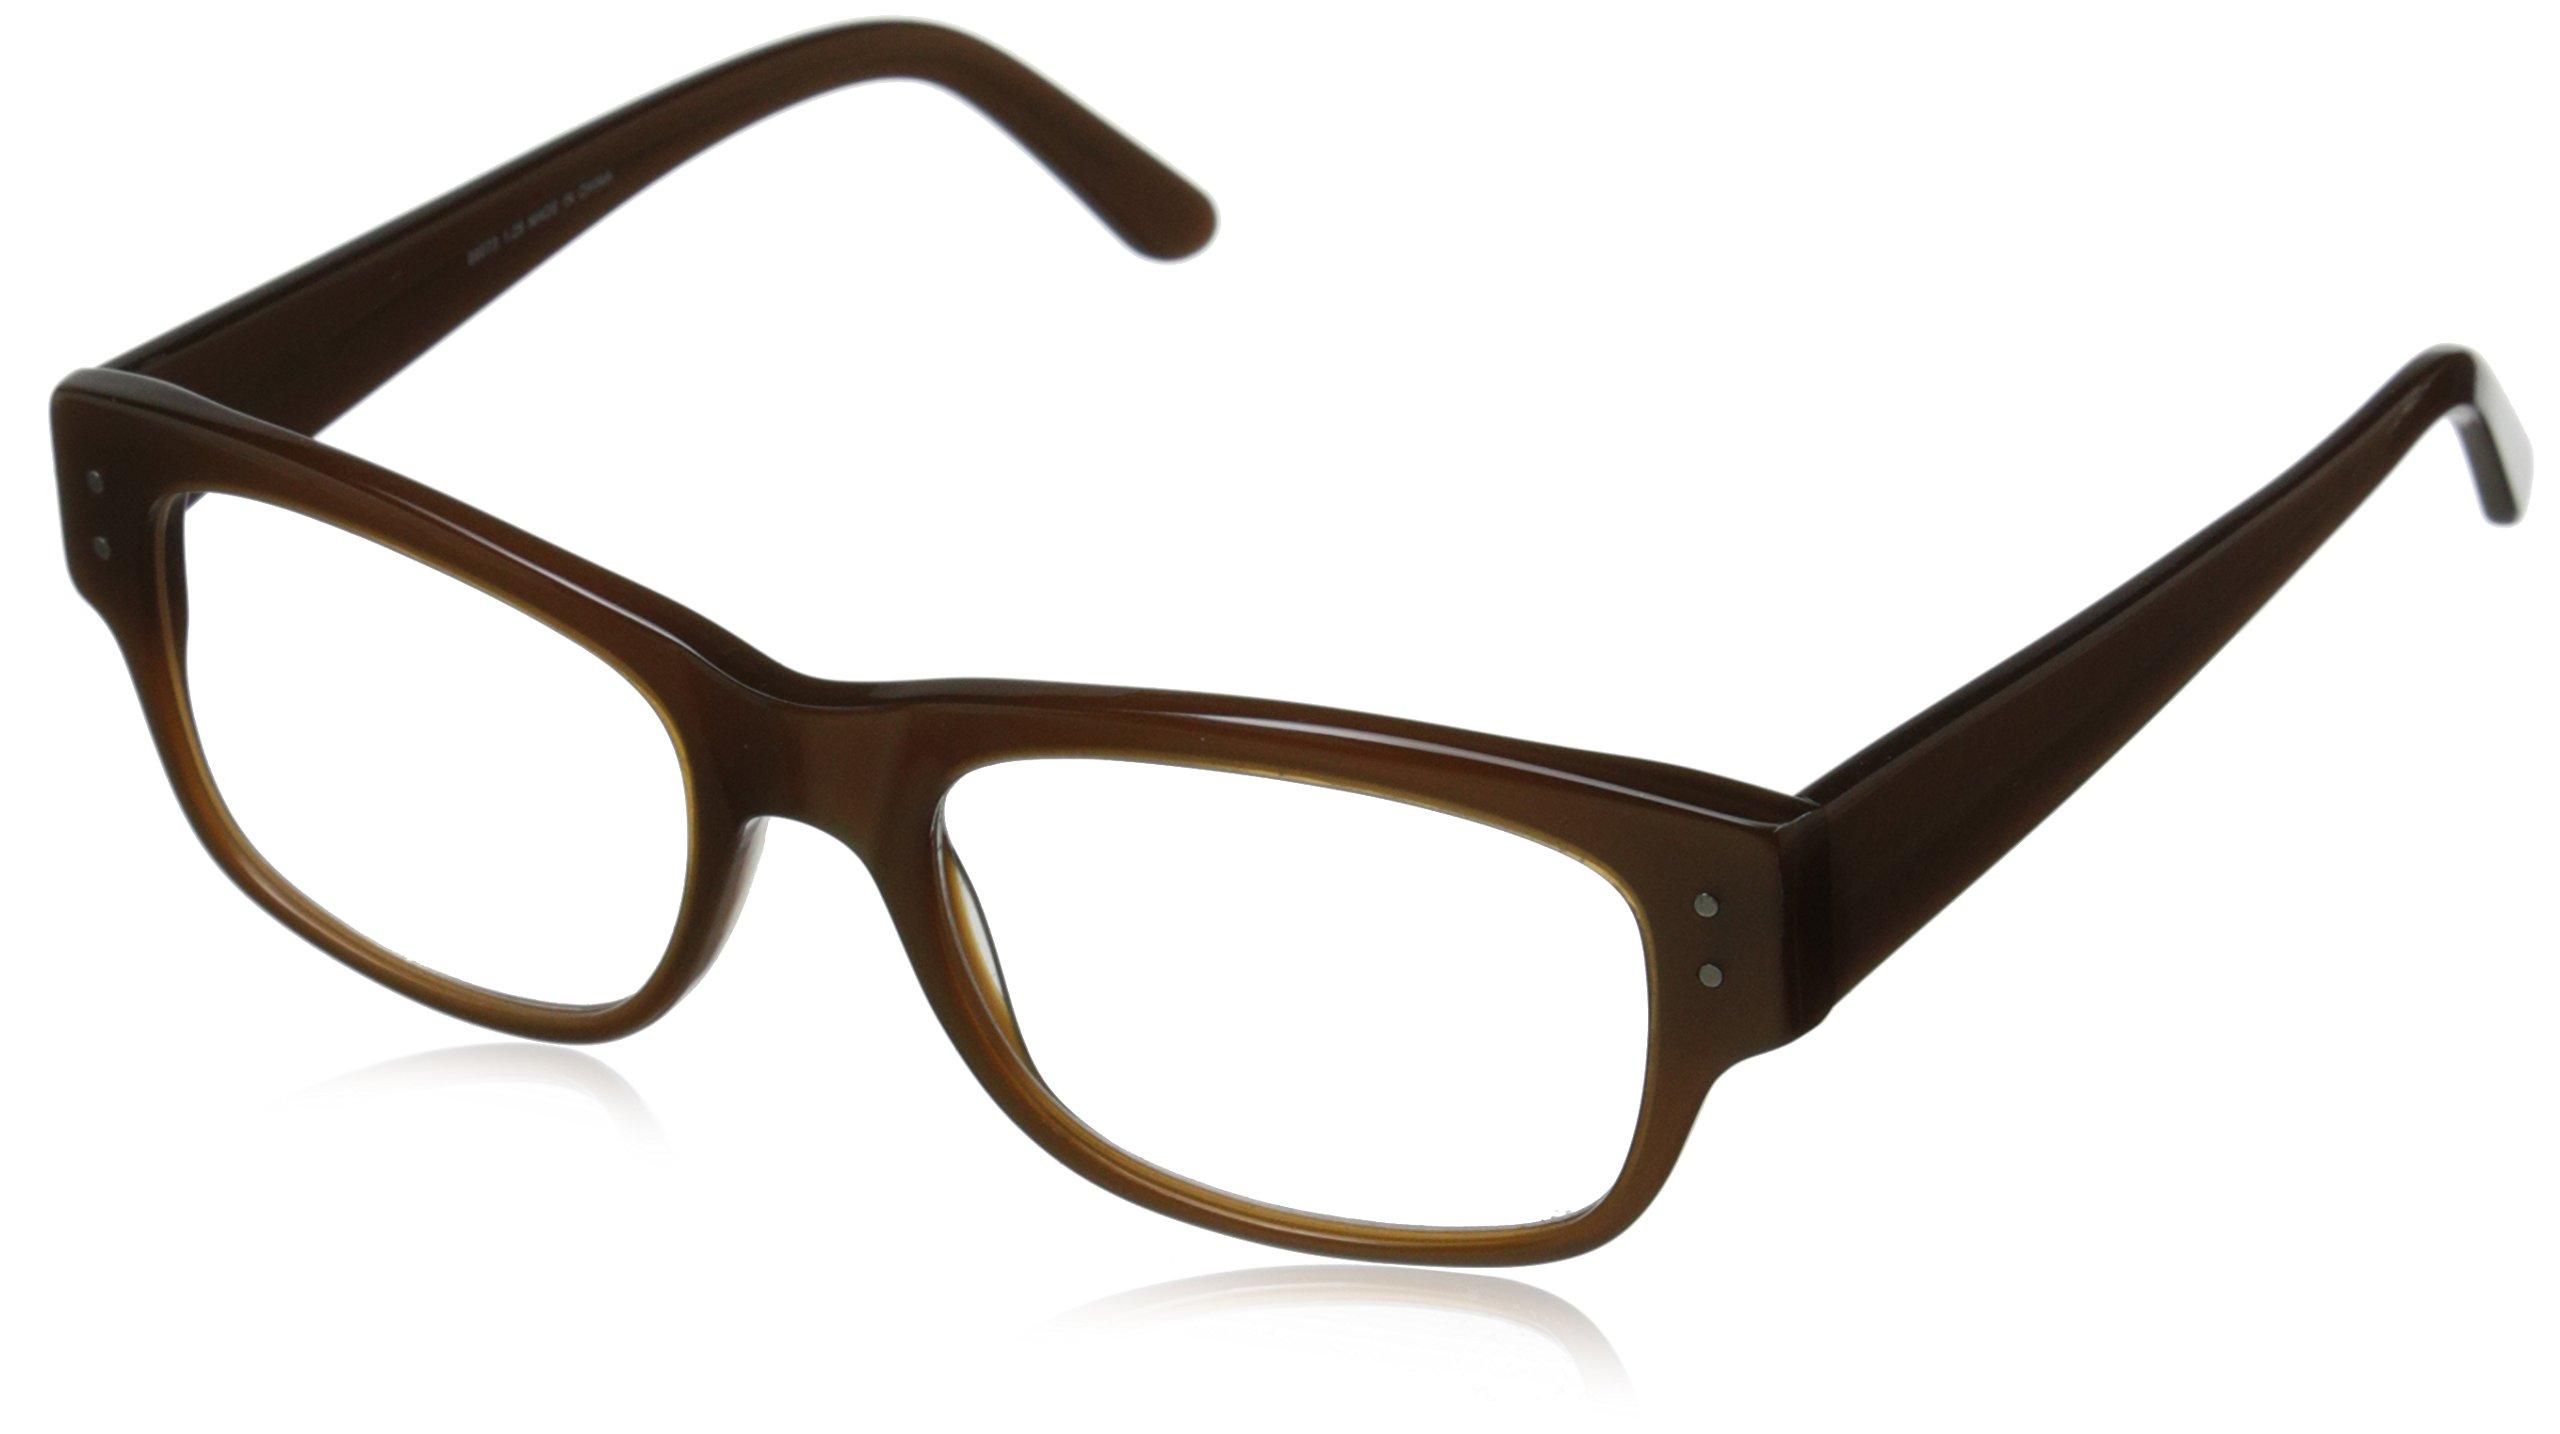 A.J. Morgan Brody 3.00 Rectangular Reading Glasses, Pearl Brown, 51 mm